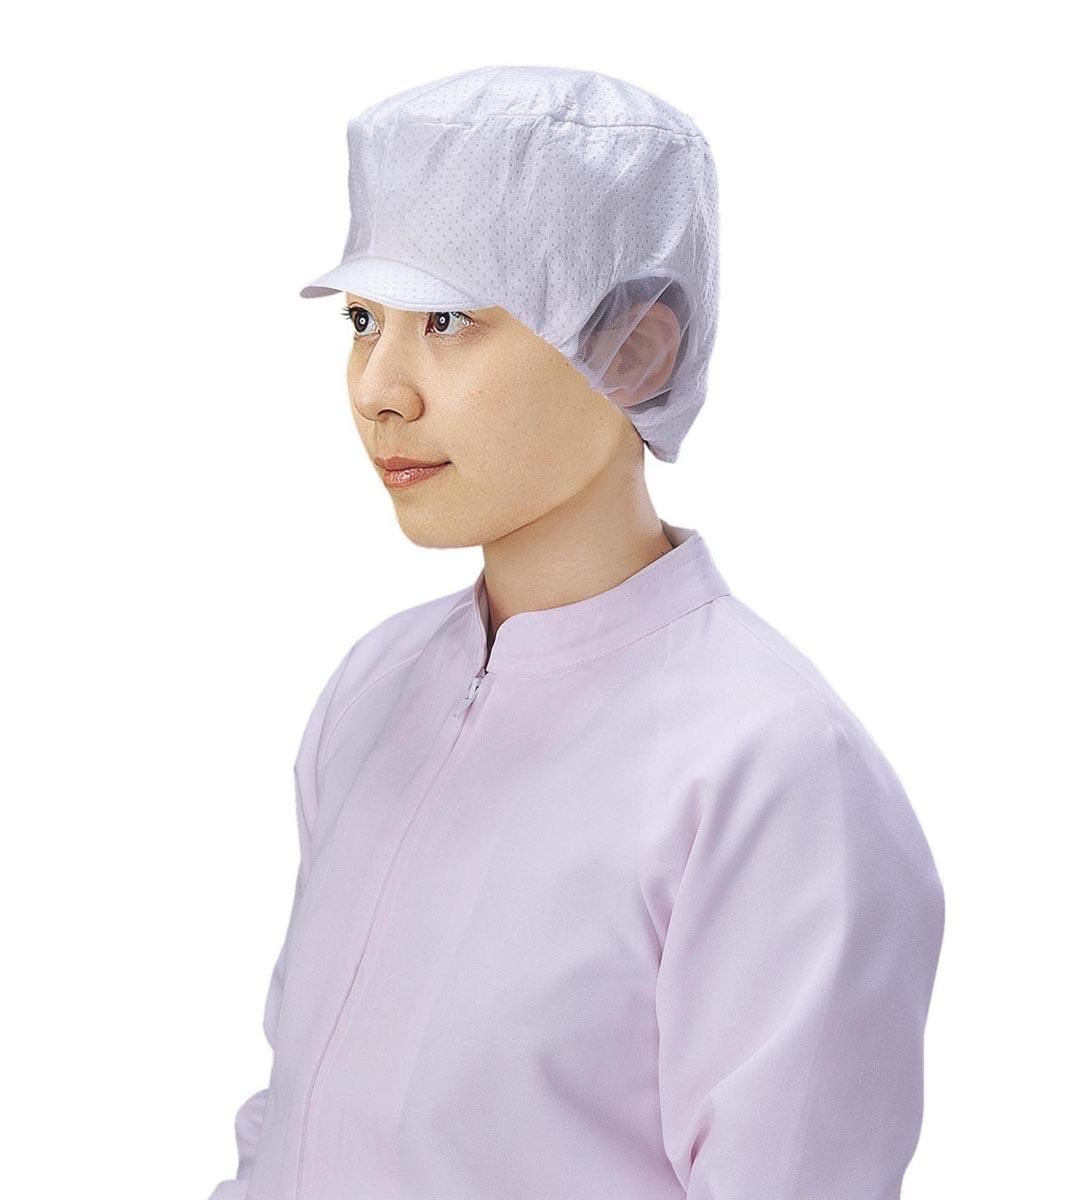 宇都宮製作 シンガー電石帽 SR-5L